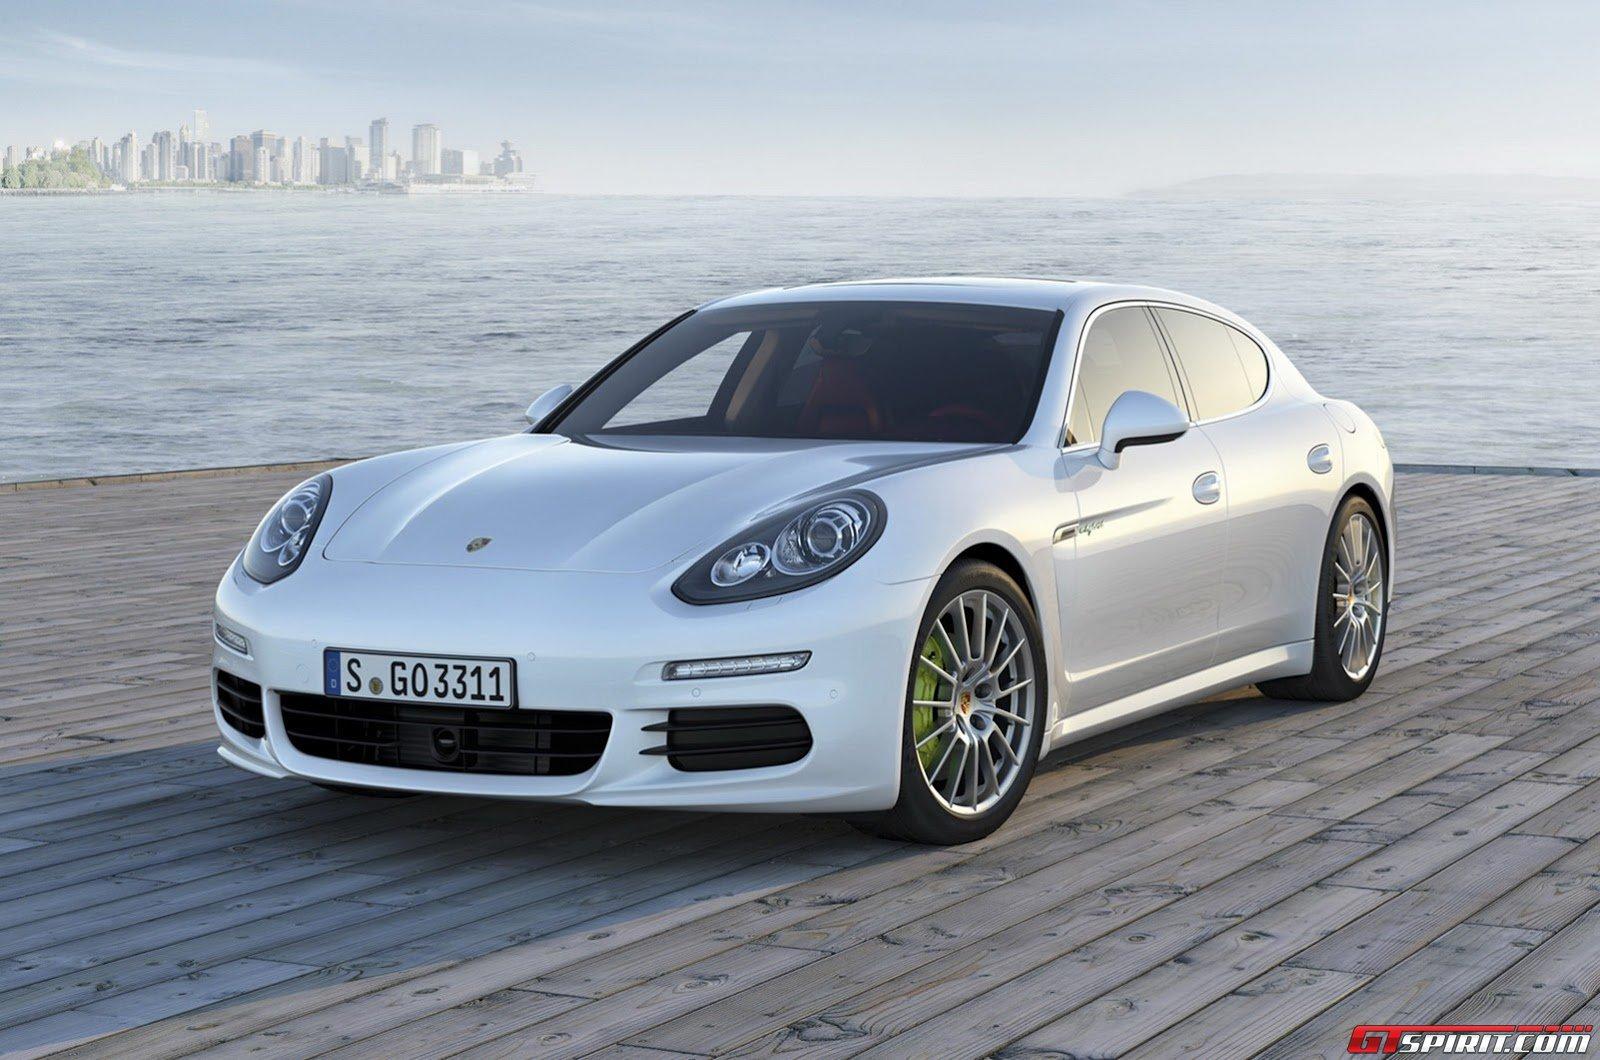 2014 porsche panamera - Porsche Panamera White 2014